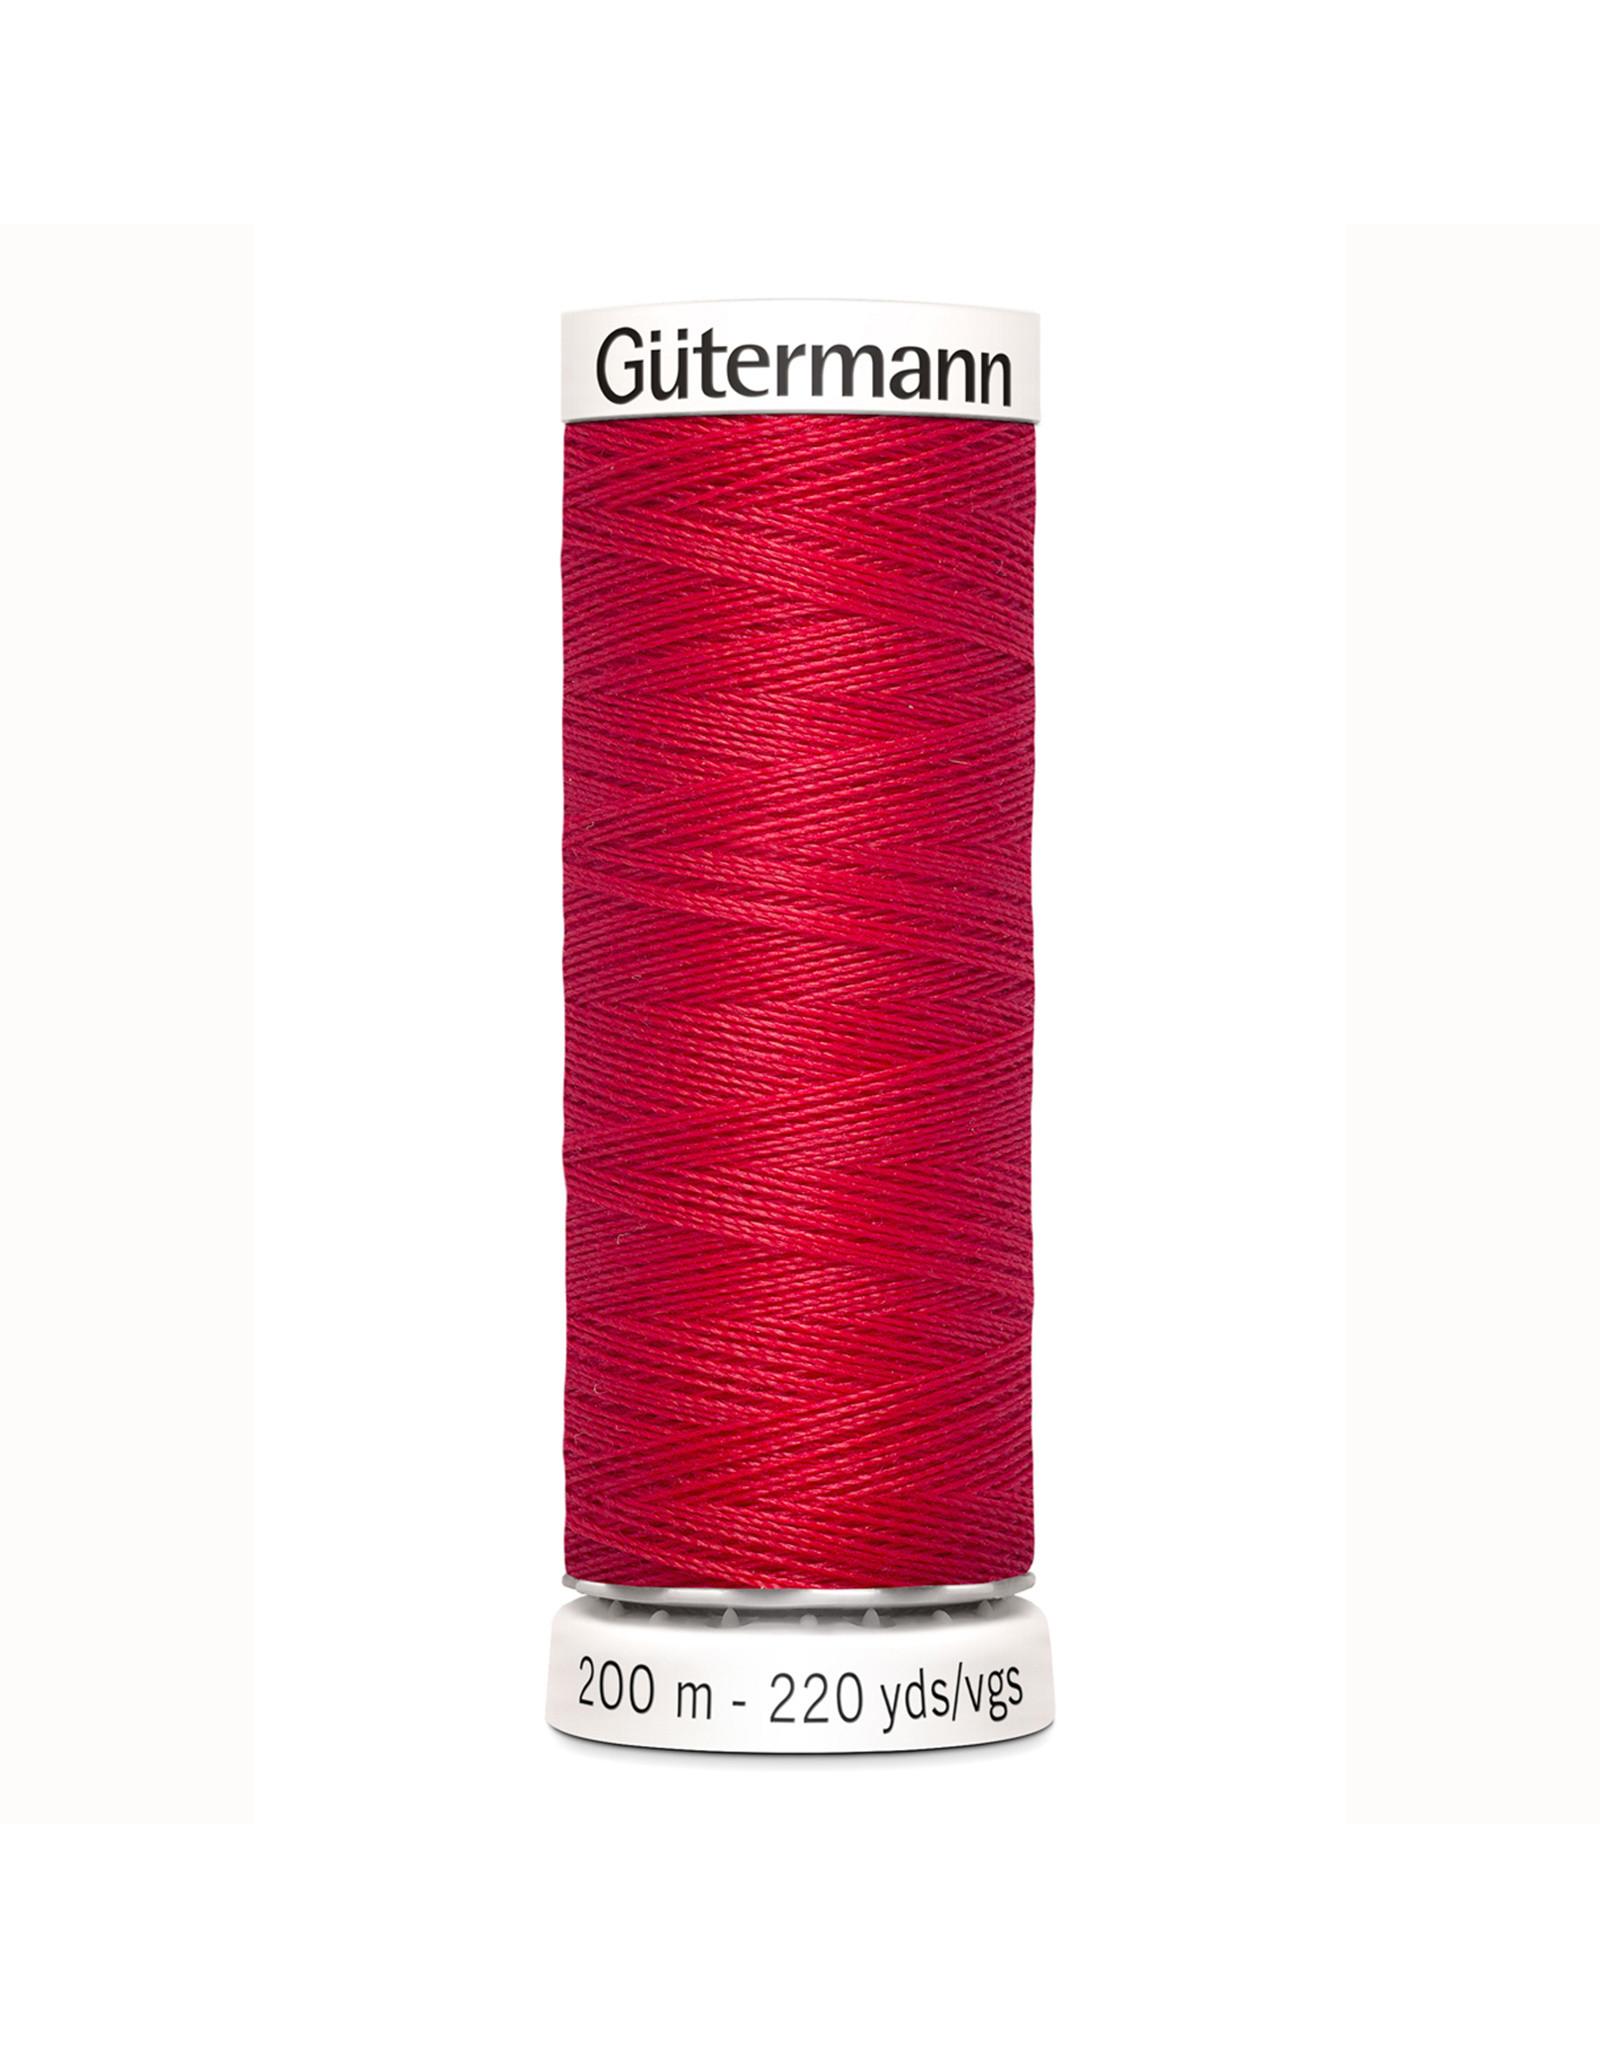 Gütermann Gütermann Nähgarn 200 m - nr 156